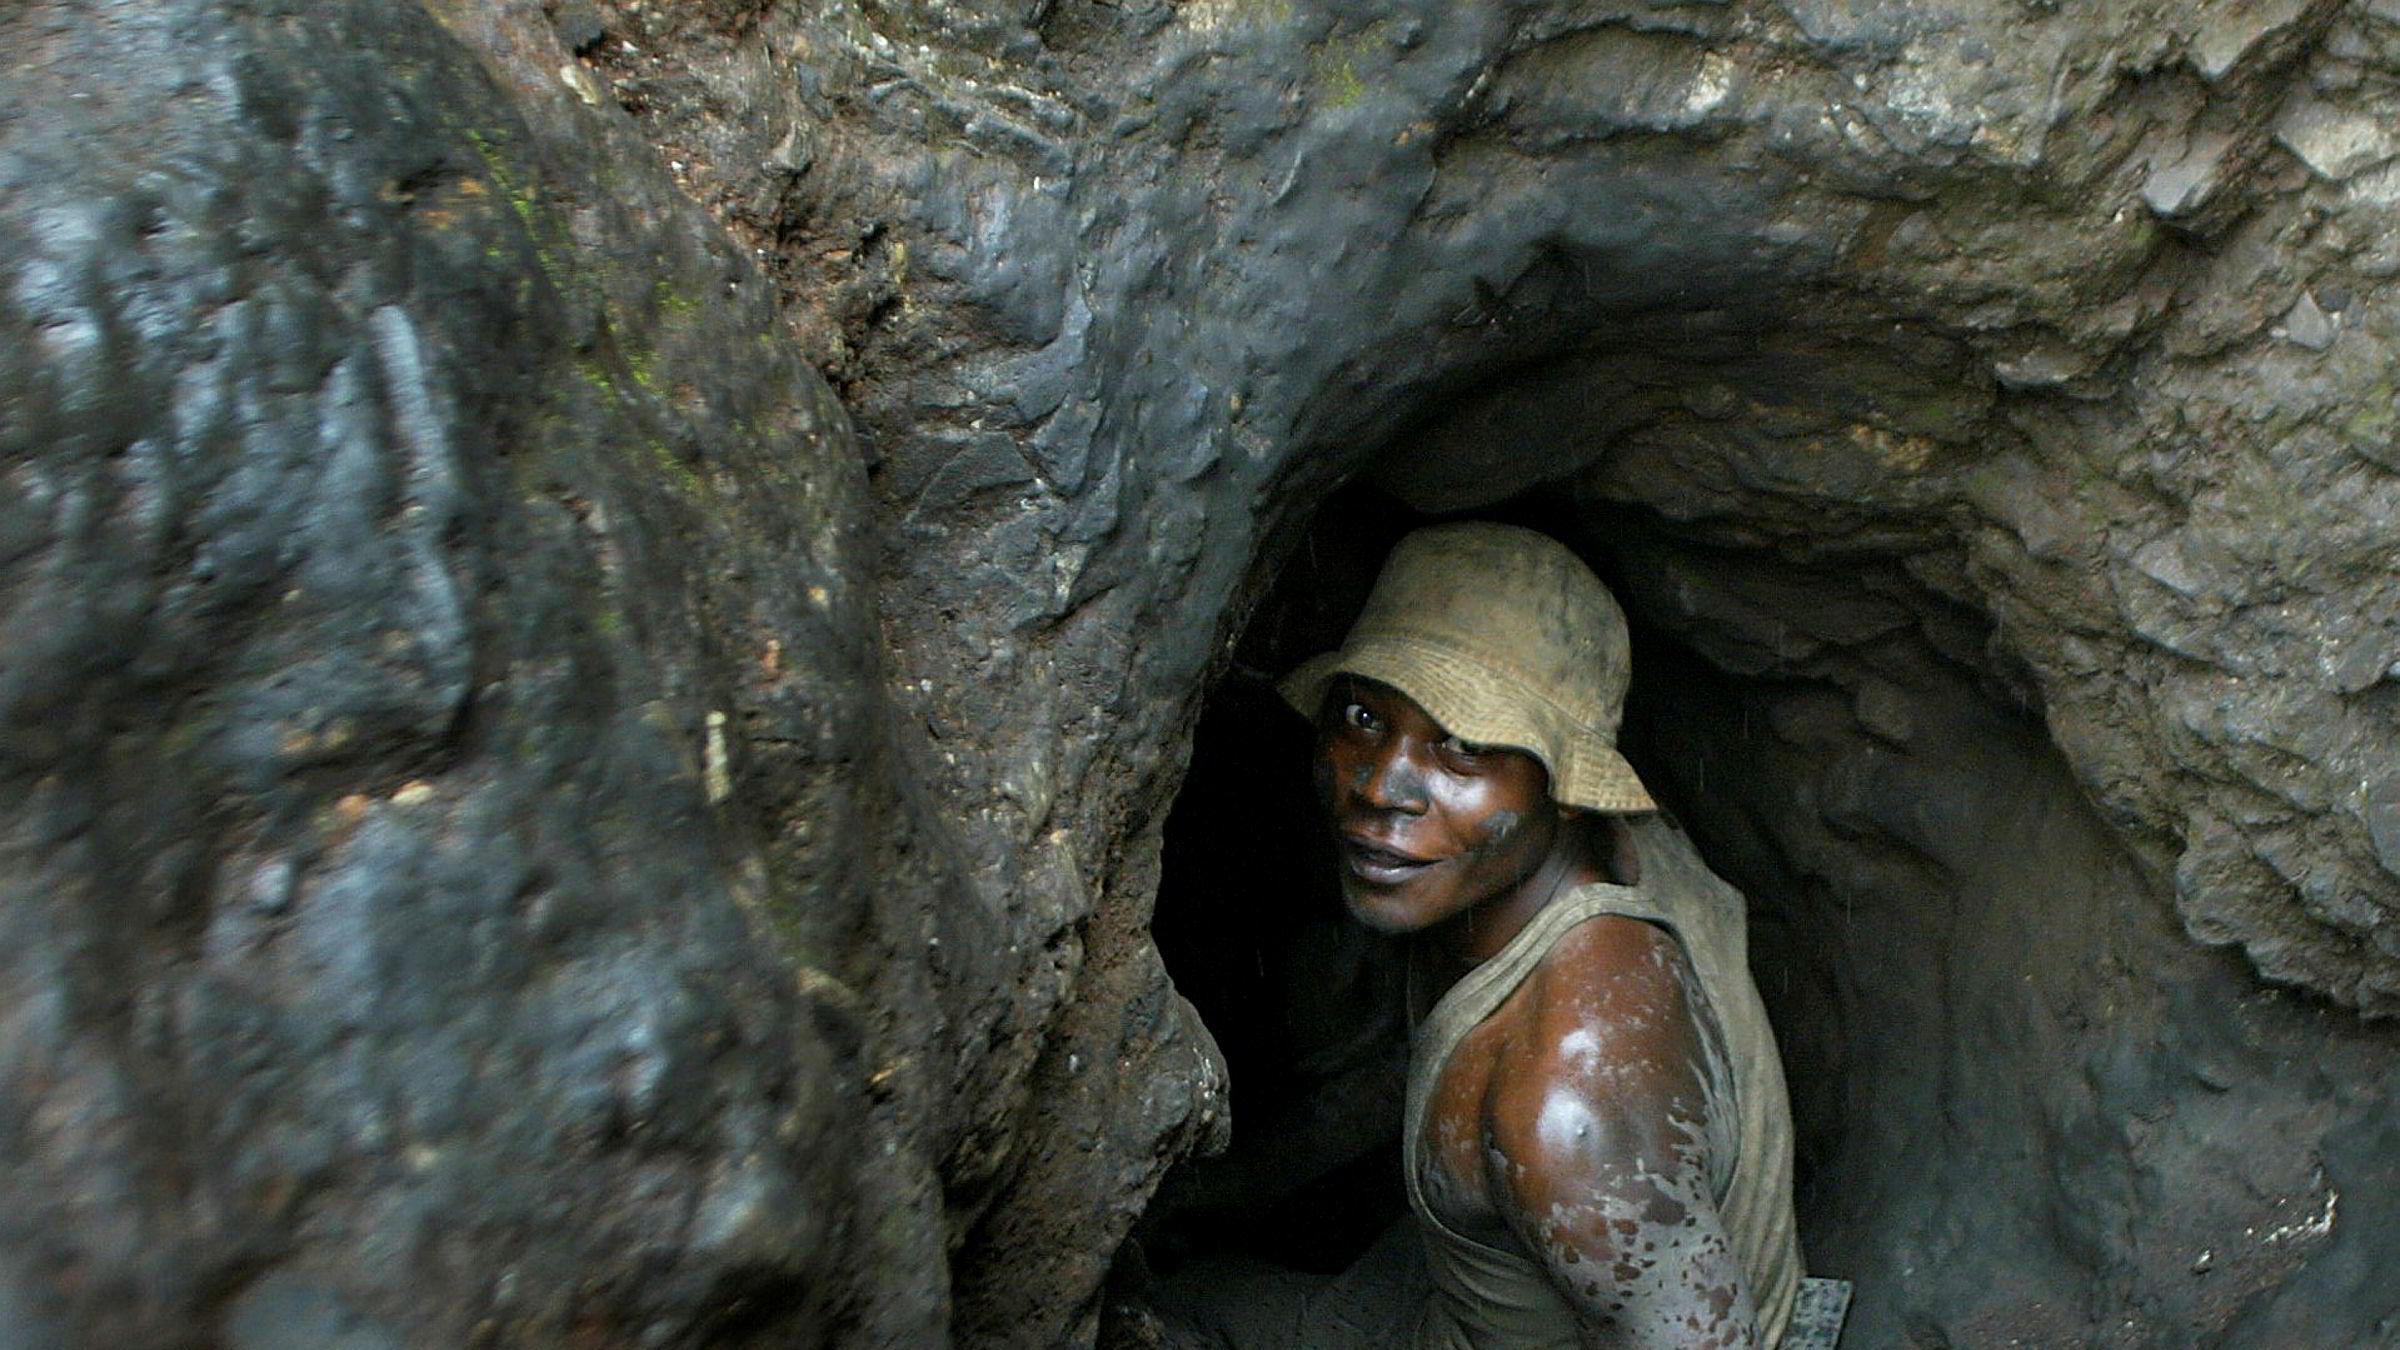 Barnearbeid eller uverdige arbeidsforhold i forbindelse med utvinning av kobolt i gruvene i Kongo er mye omtalt i Norge. Kobolt brukes blant annet i fremstillingen av batterier til elbiler.